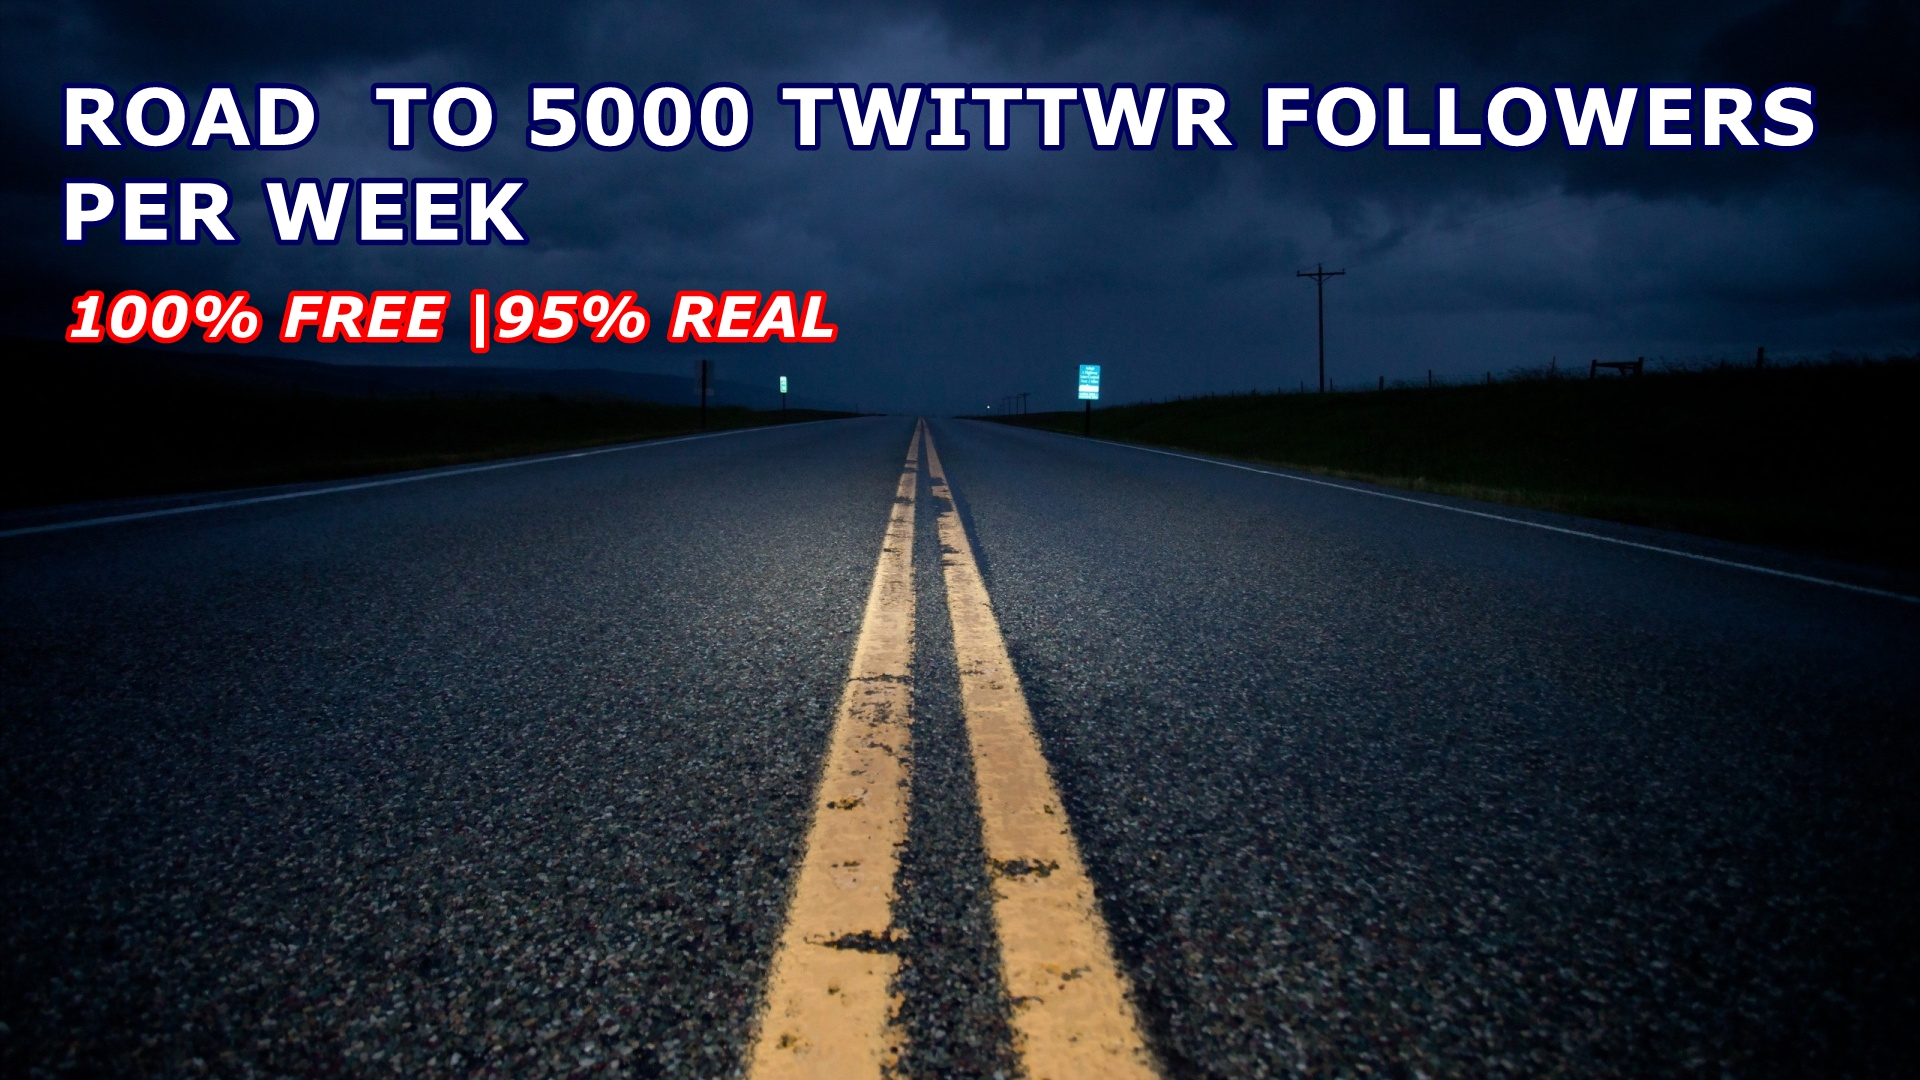 Road to 5000 twitter followers per week